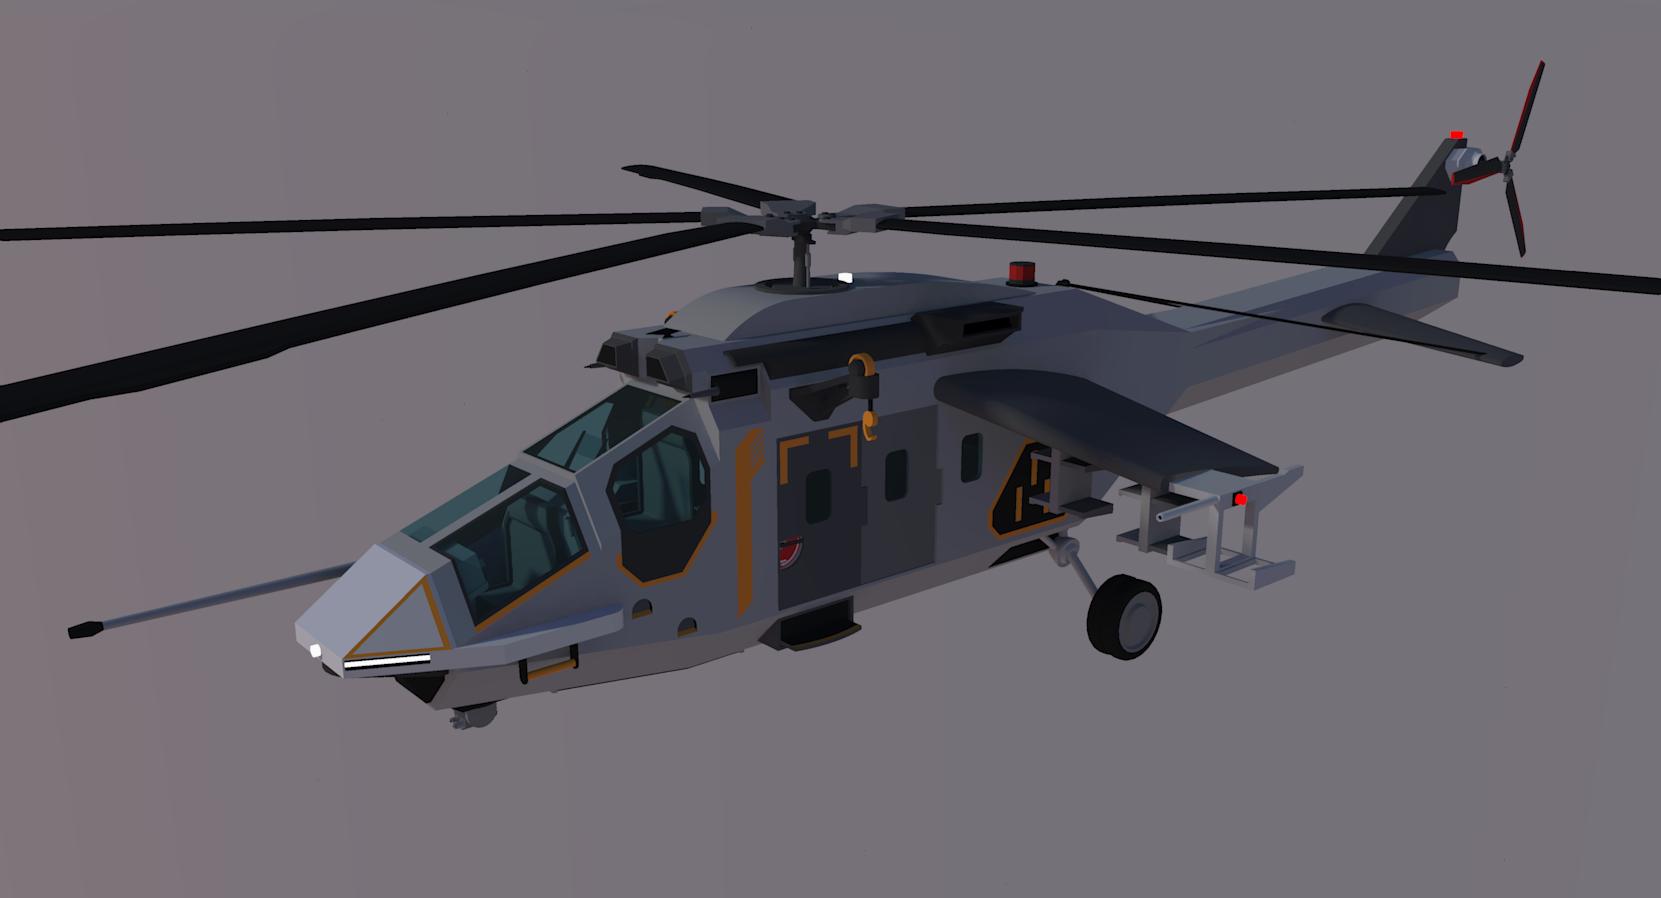 TI 28 Airborn [Terran] by Gwentari